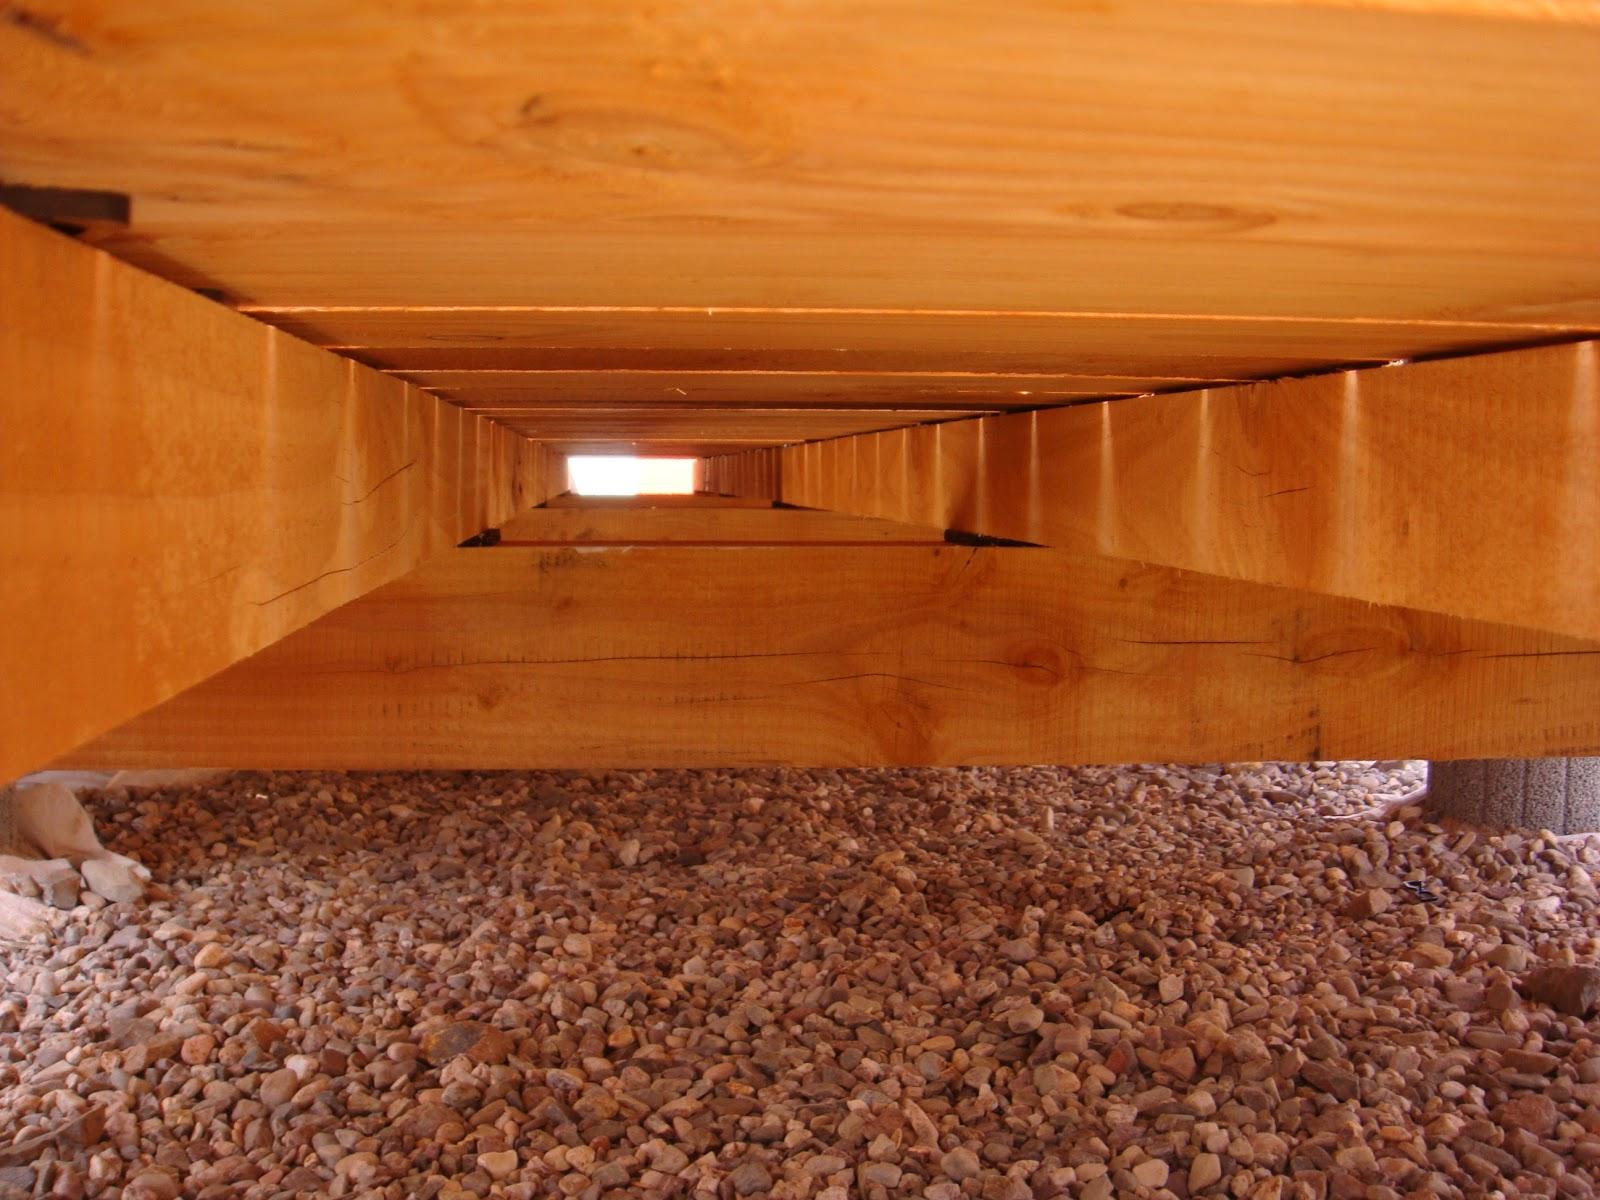 wir bauten orange medley200 keller wiga echtholzdielen aus douglasien bodengleicher. Black Bedroom Furniture Sets. Home Design Ideas